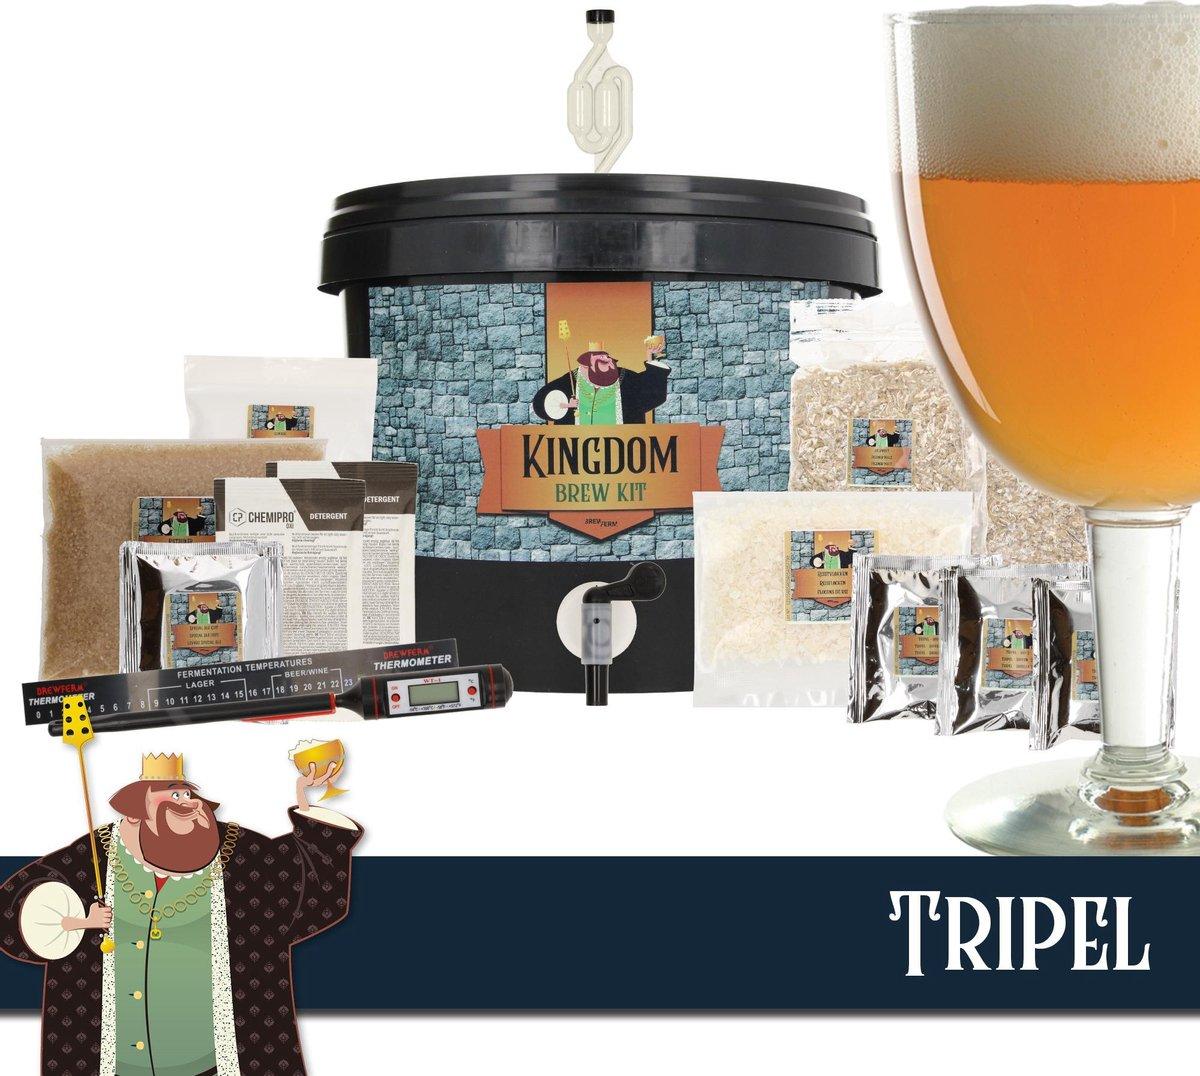 KINGDOM Bierbrouwpakket  - Startpakket - Tripel - zelf bier brouwen - starterspakket bier brouwen -